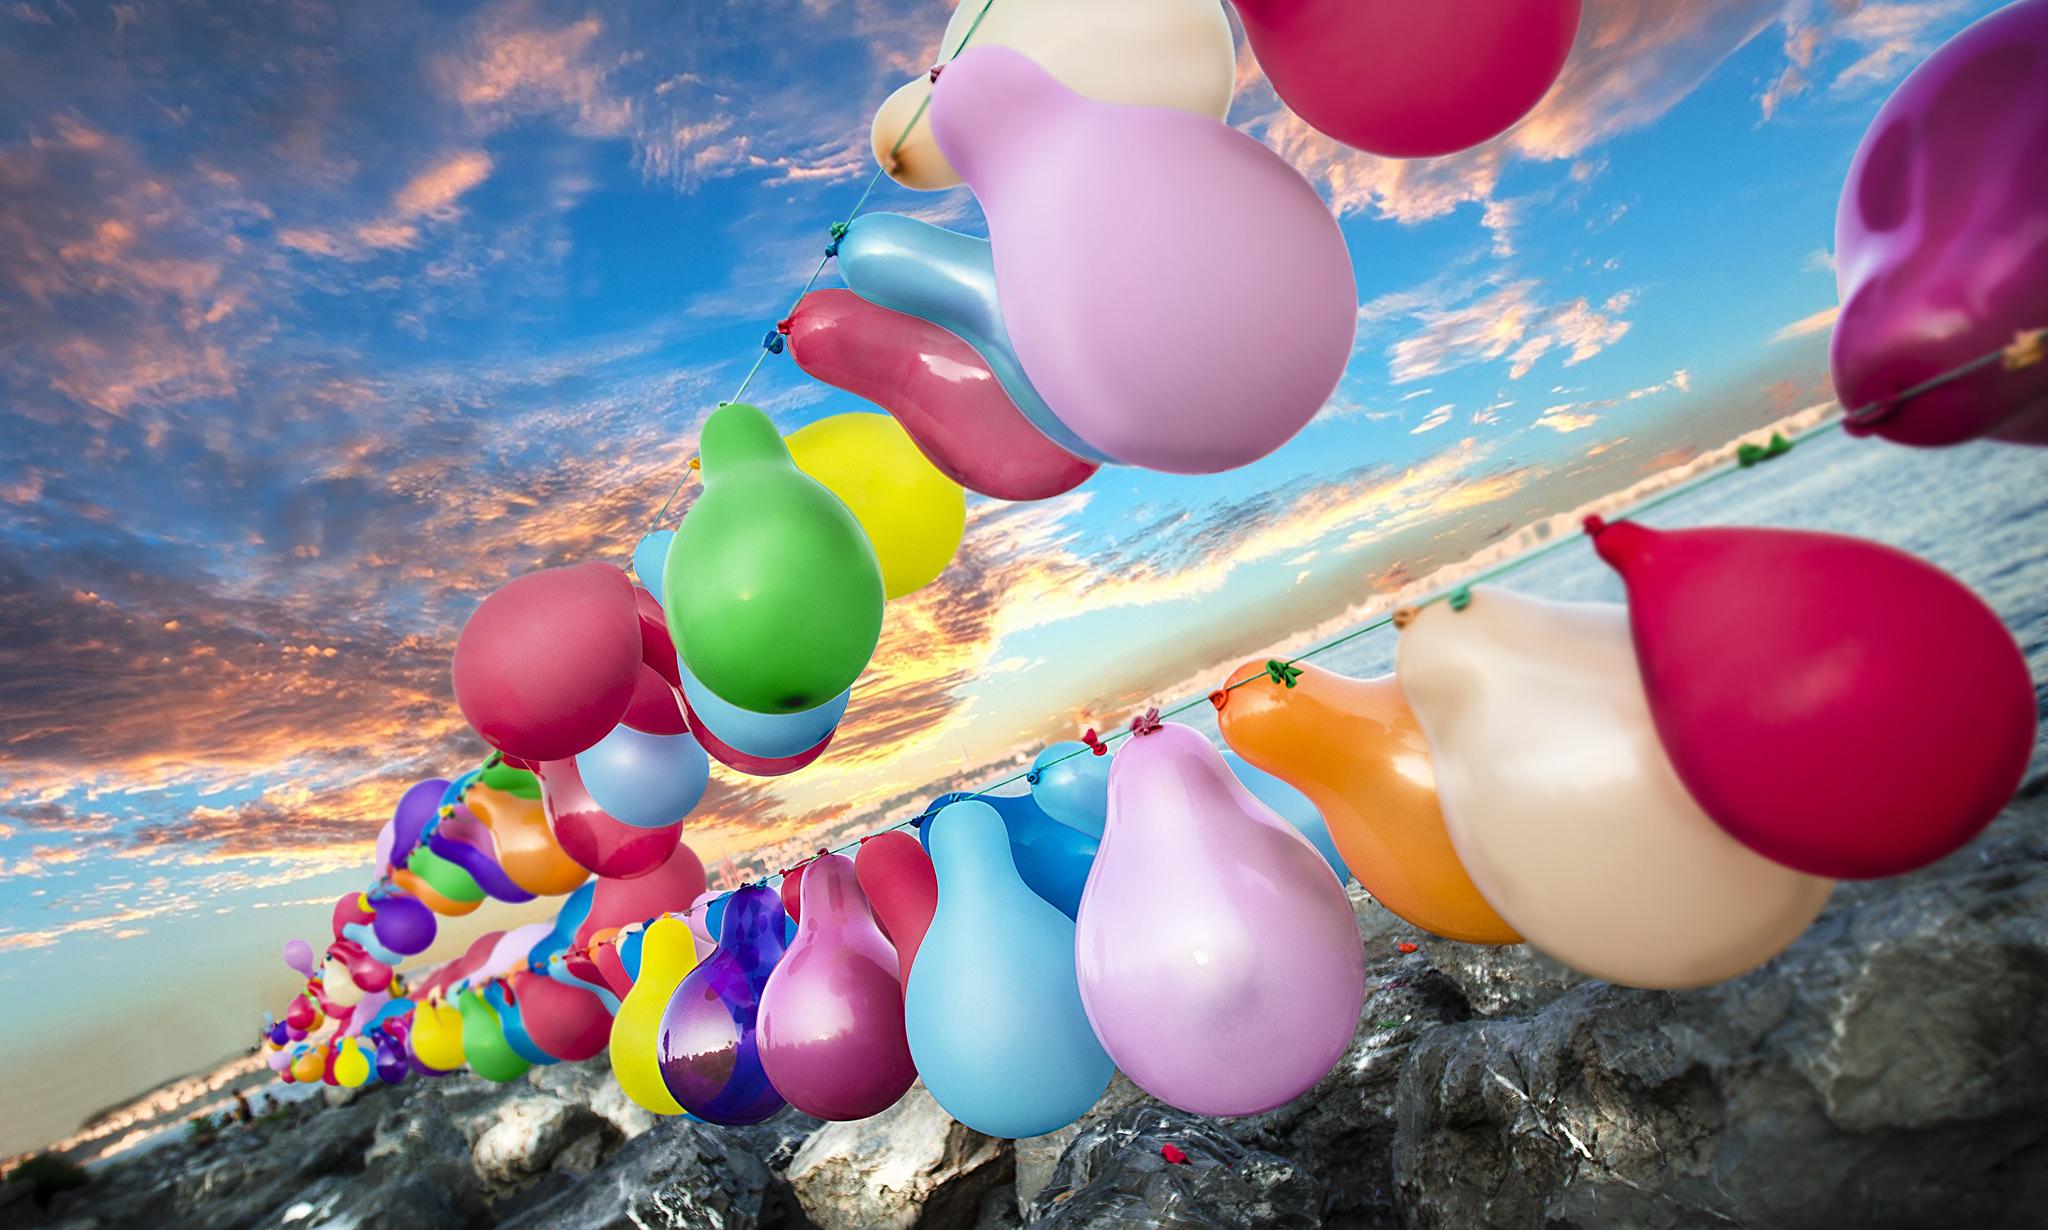 обои на рабочий стол воздушные шарики с днем рождения сколько качеств может